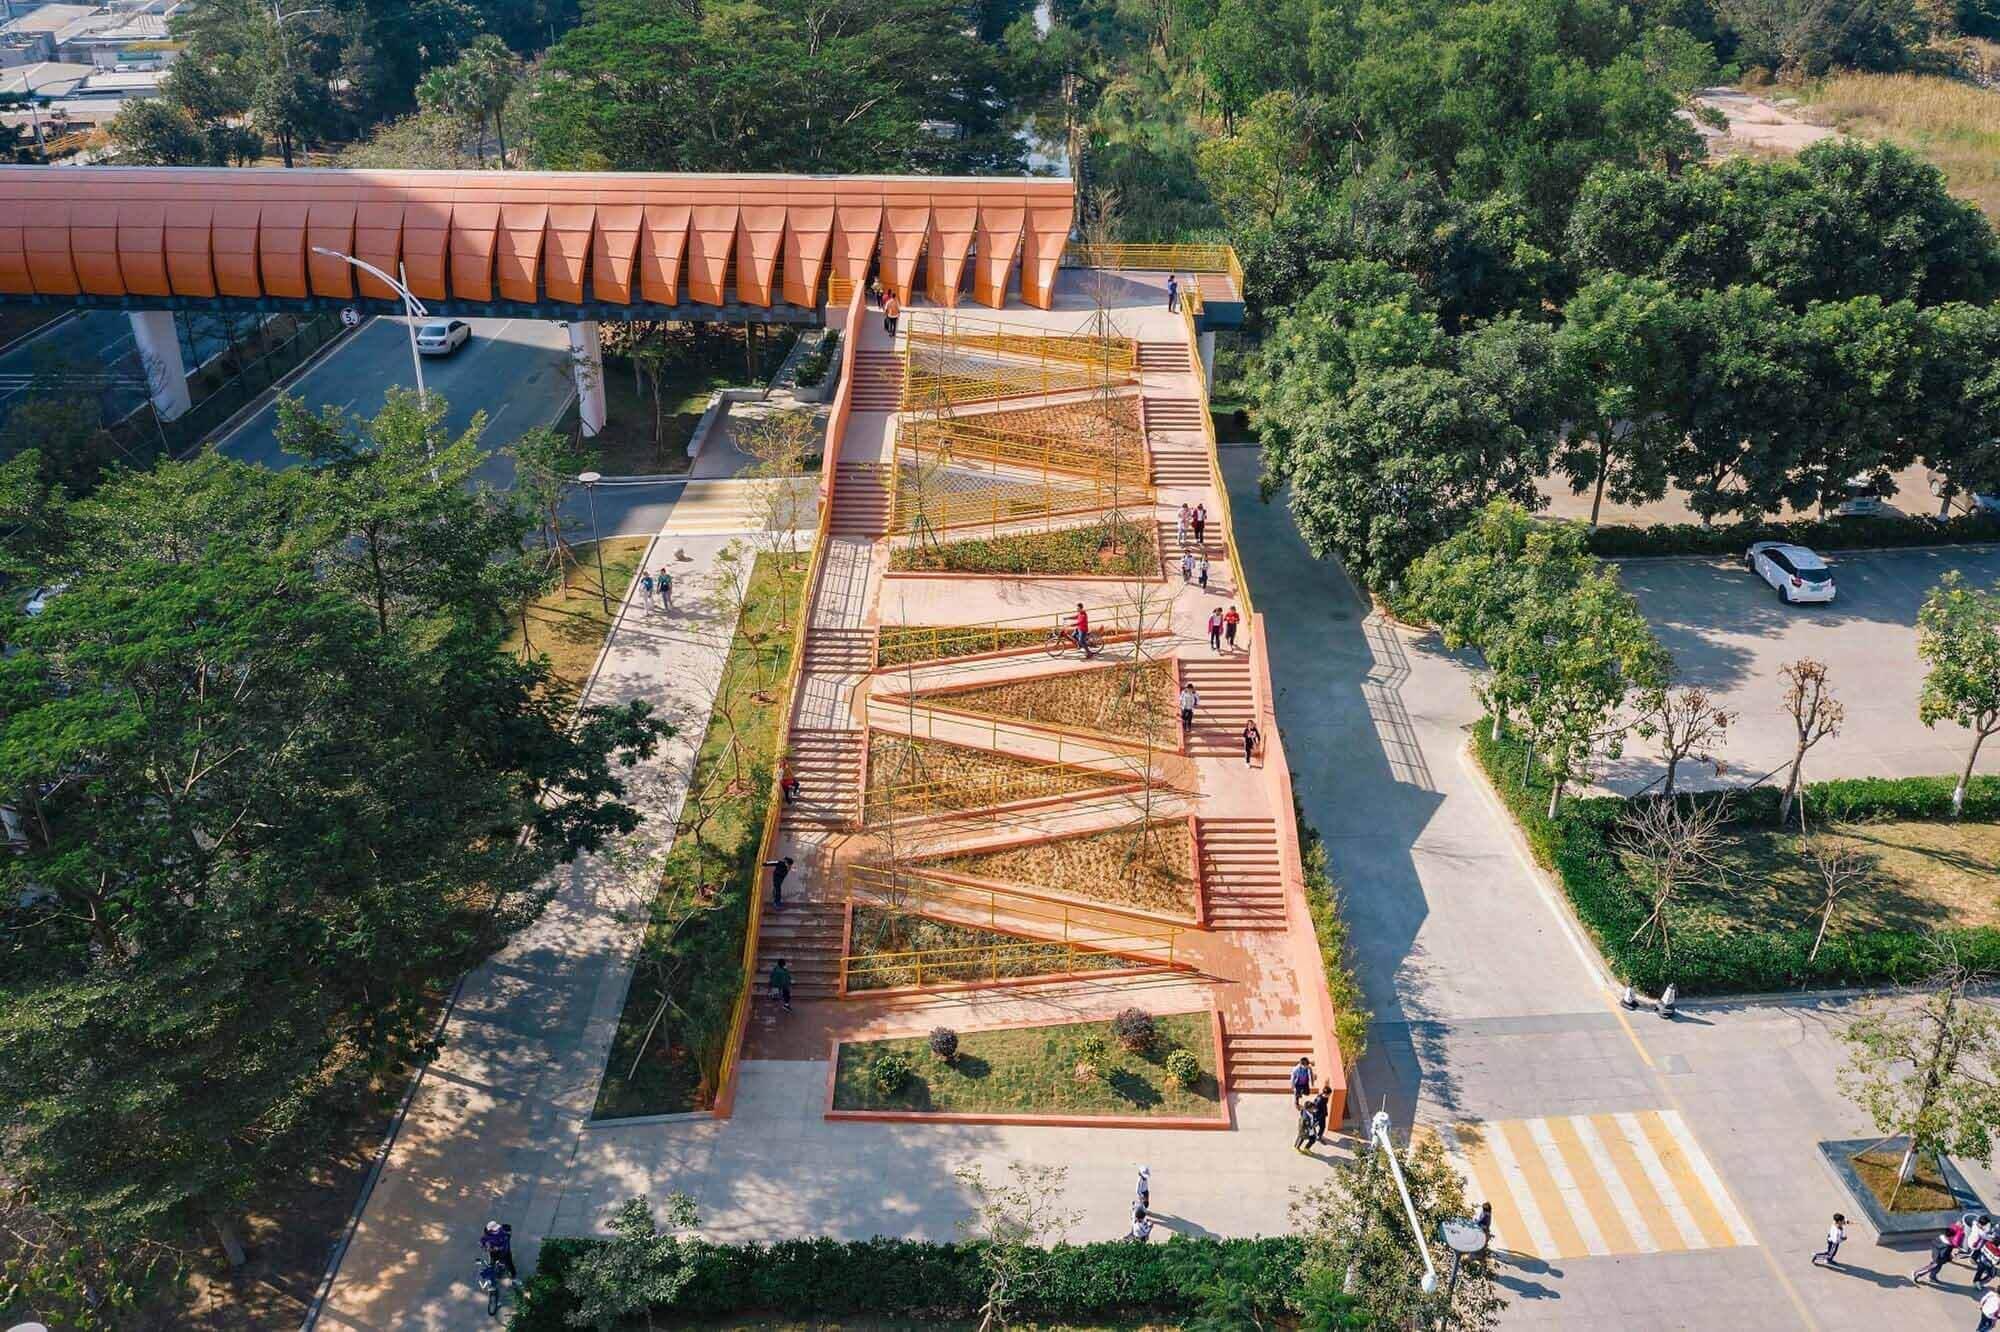 Пешеходный мост экспериментальной начальной школы Чанъань / Студия архитектурного дизайна Чжутао